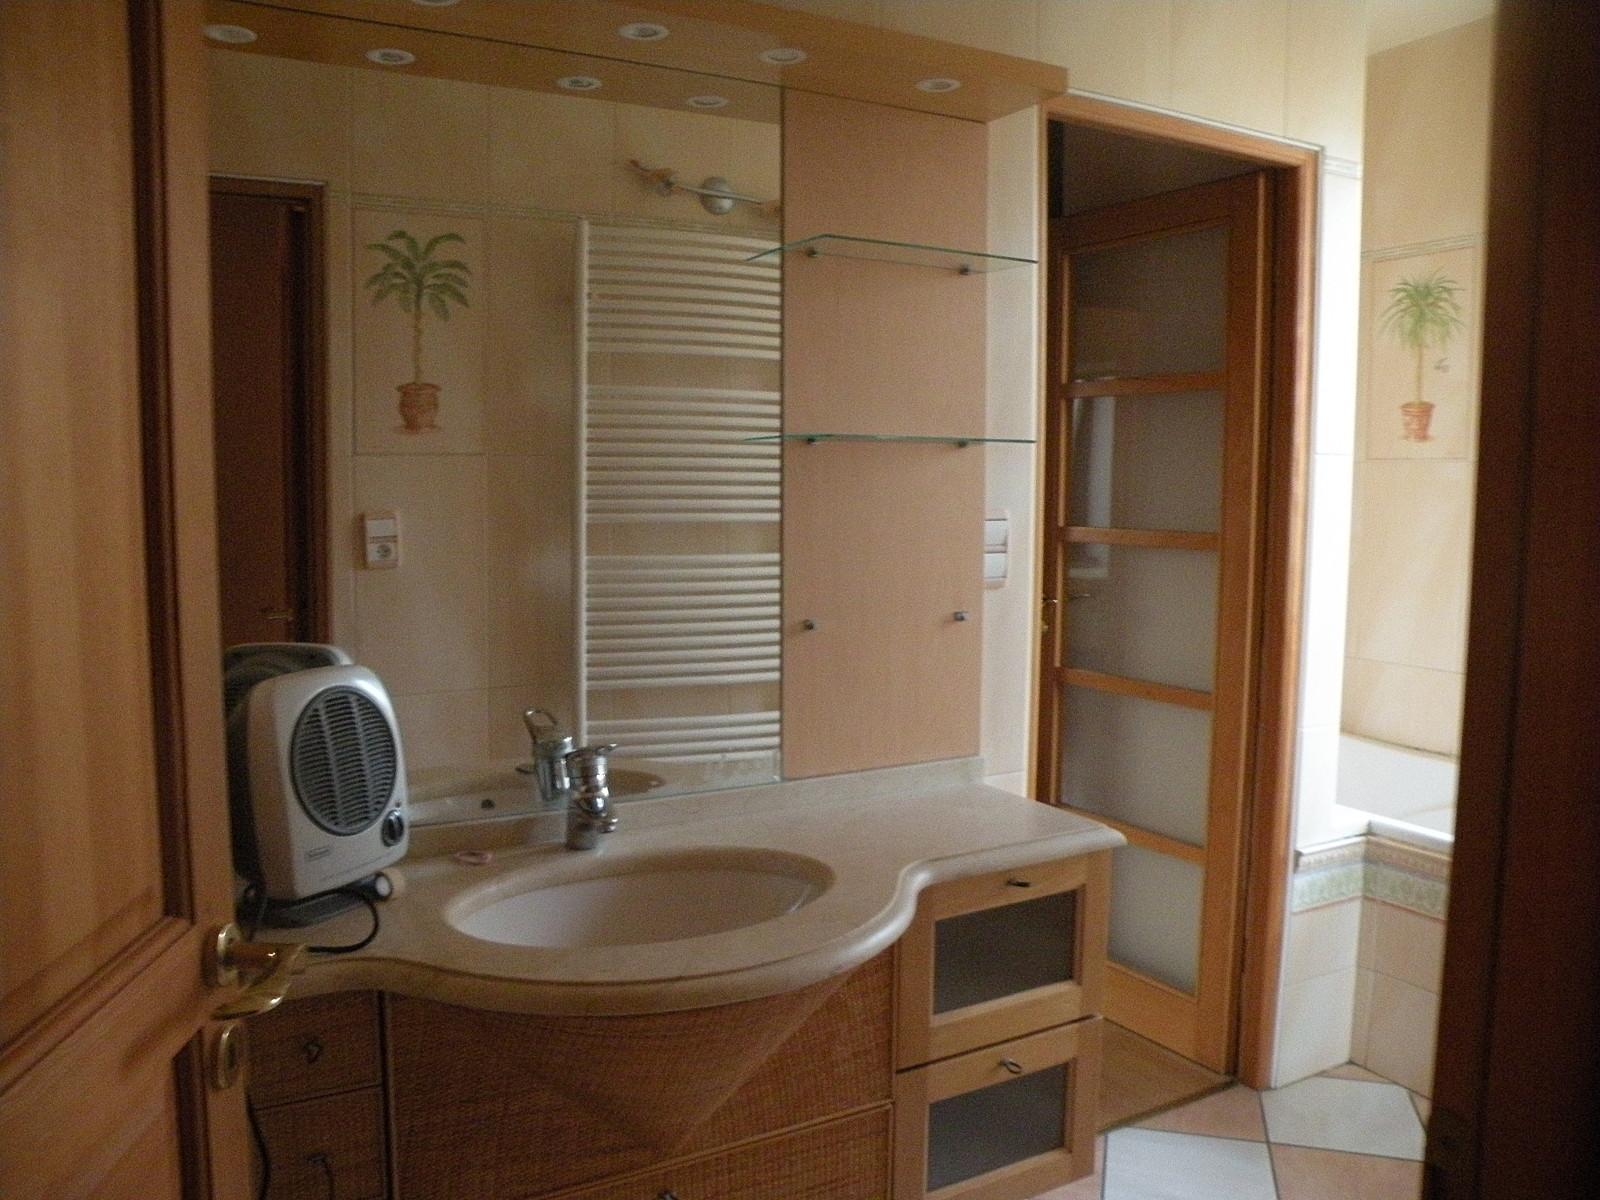 La salle de bain - Tout pour la salle de bain ...